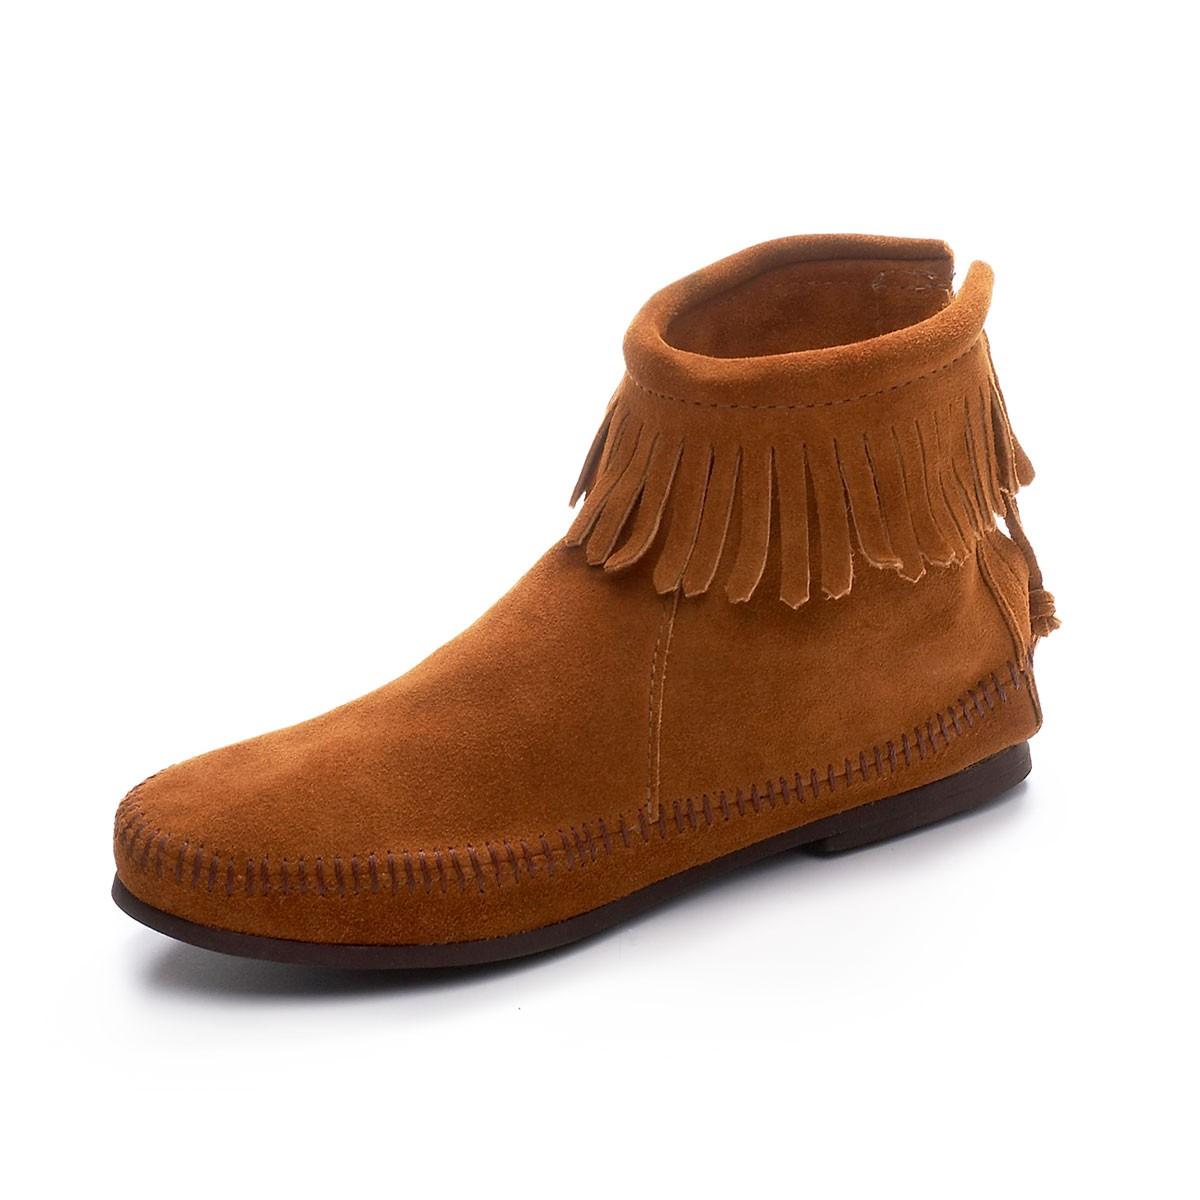 282-brown-womens-back-zip-boot_9.jpg